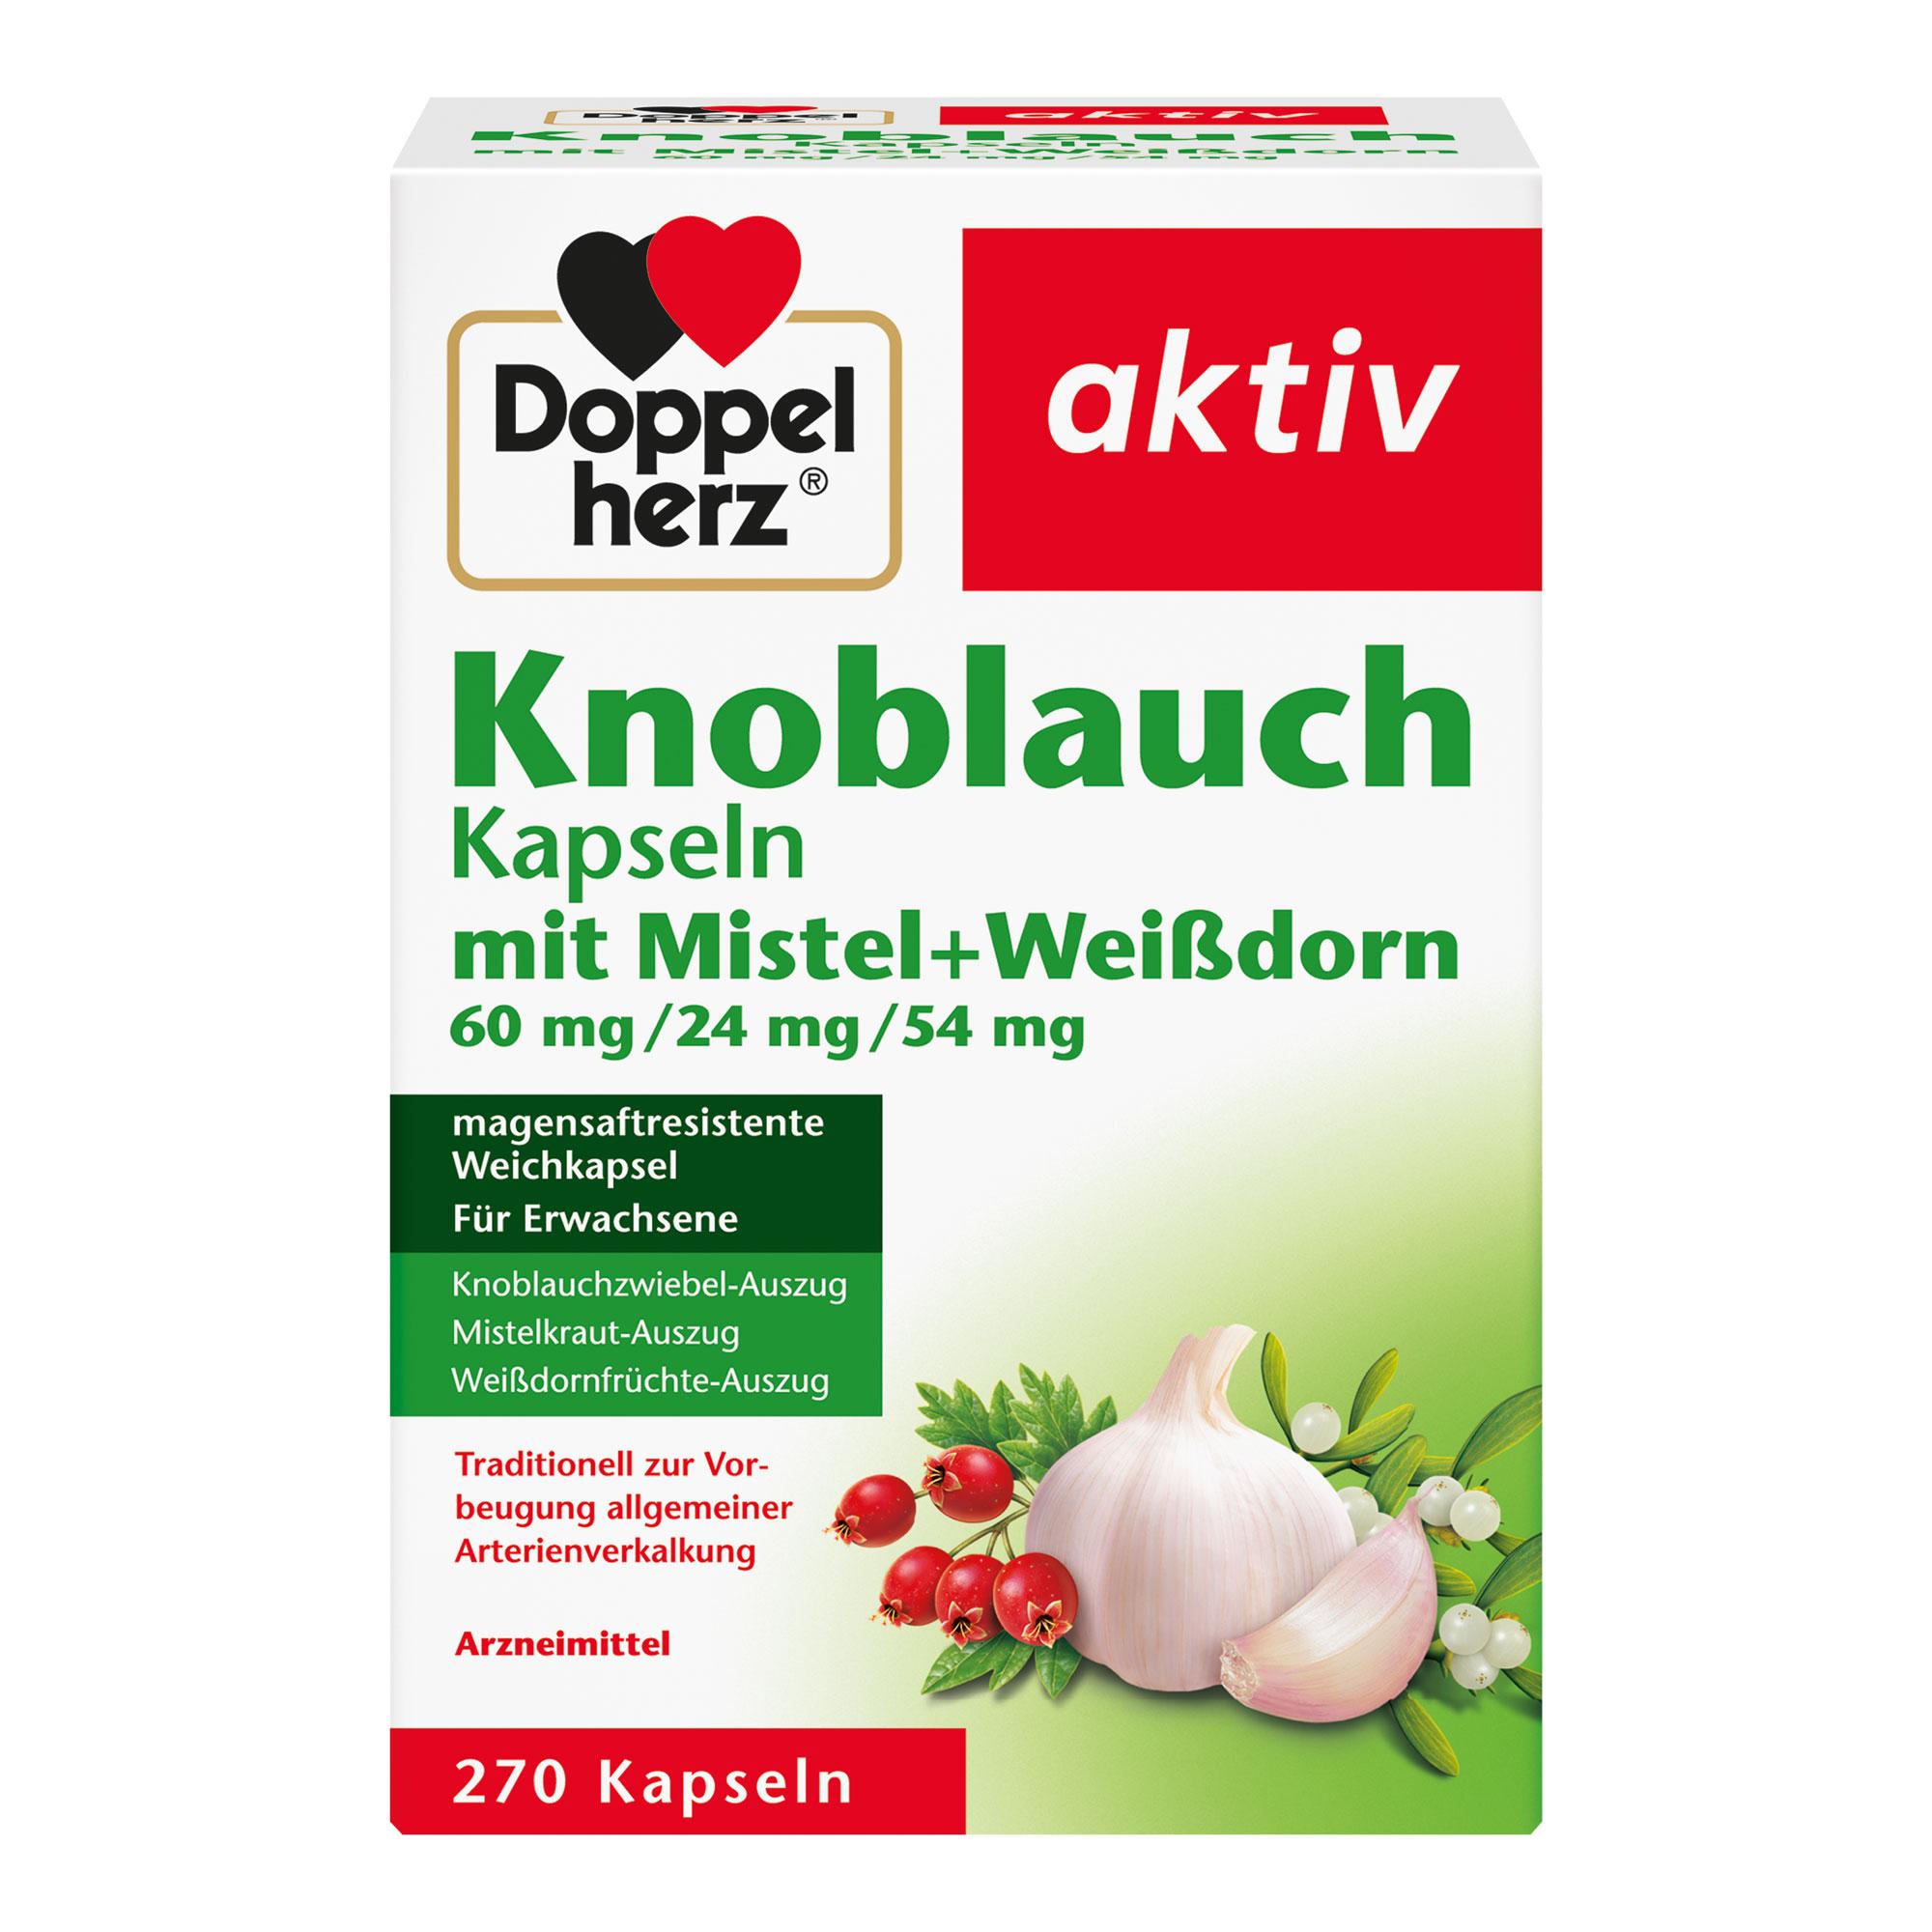 Doppelherz aktiv Knoblauch Kapseln mit Mistel+Weißdorn